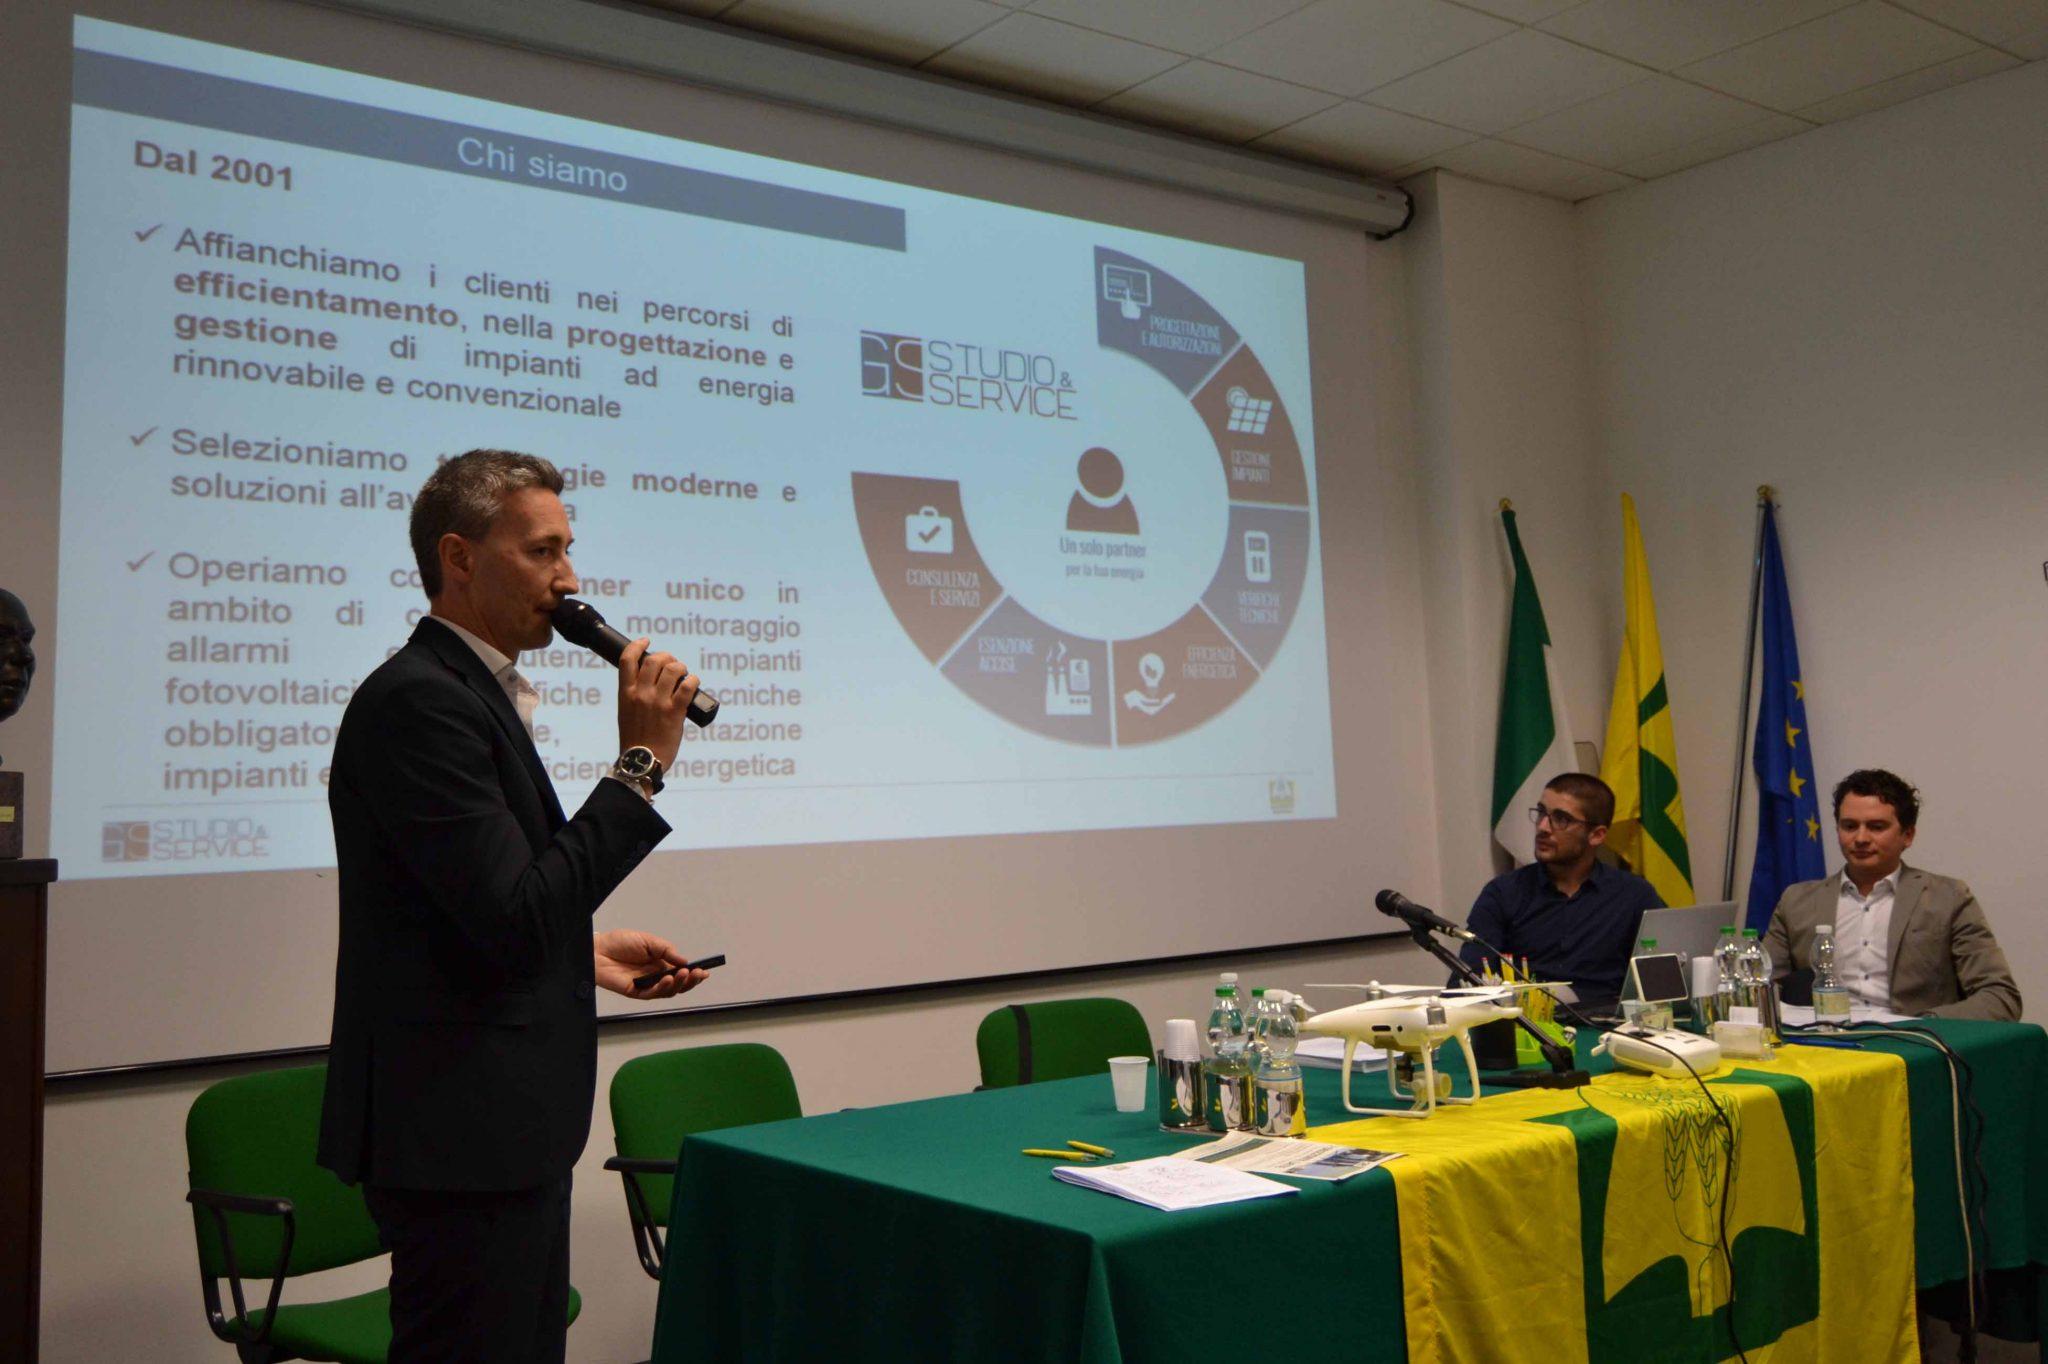 Convegno Coldiretti Mantova - GS Service